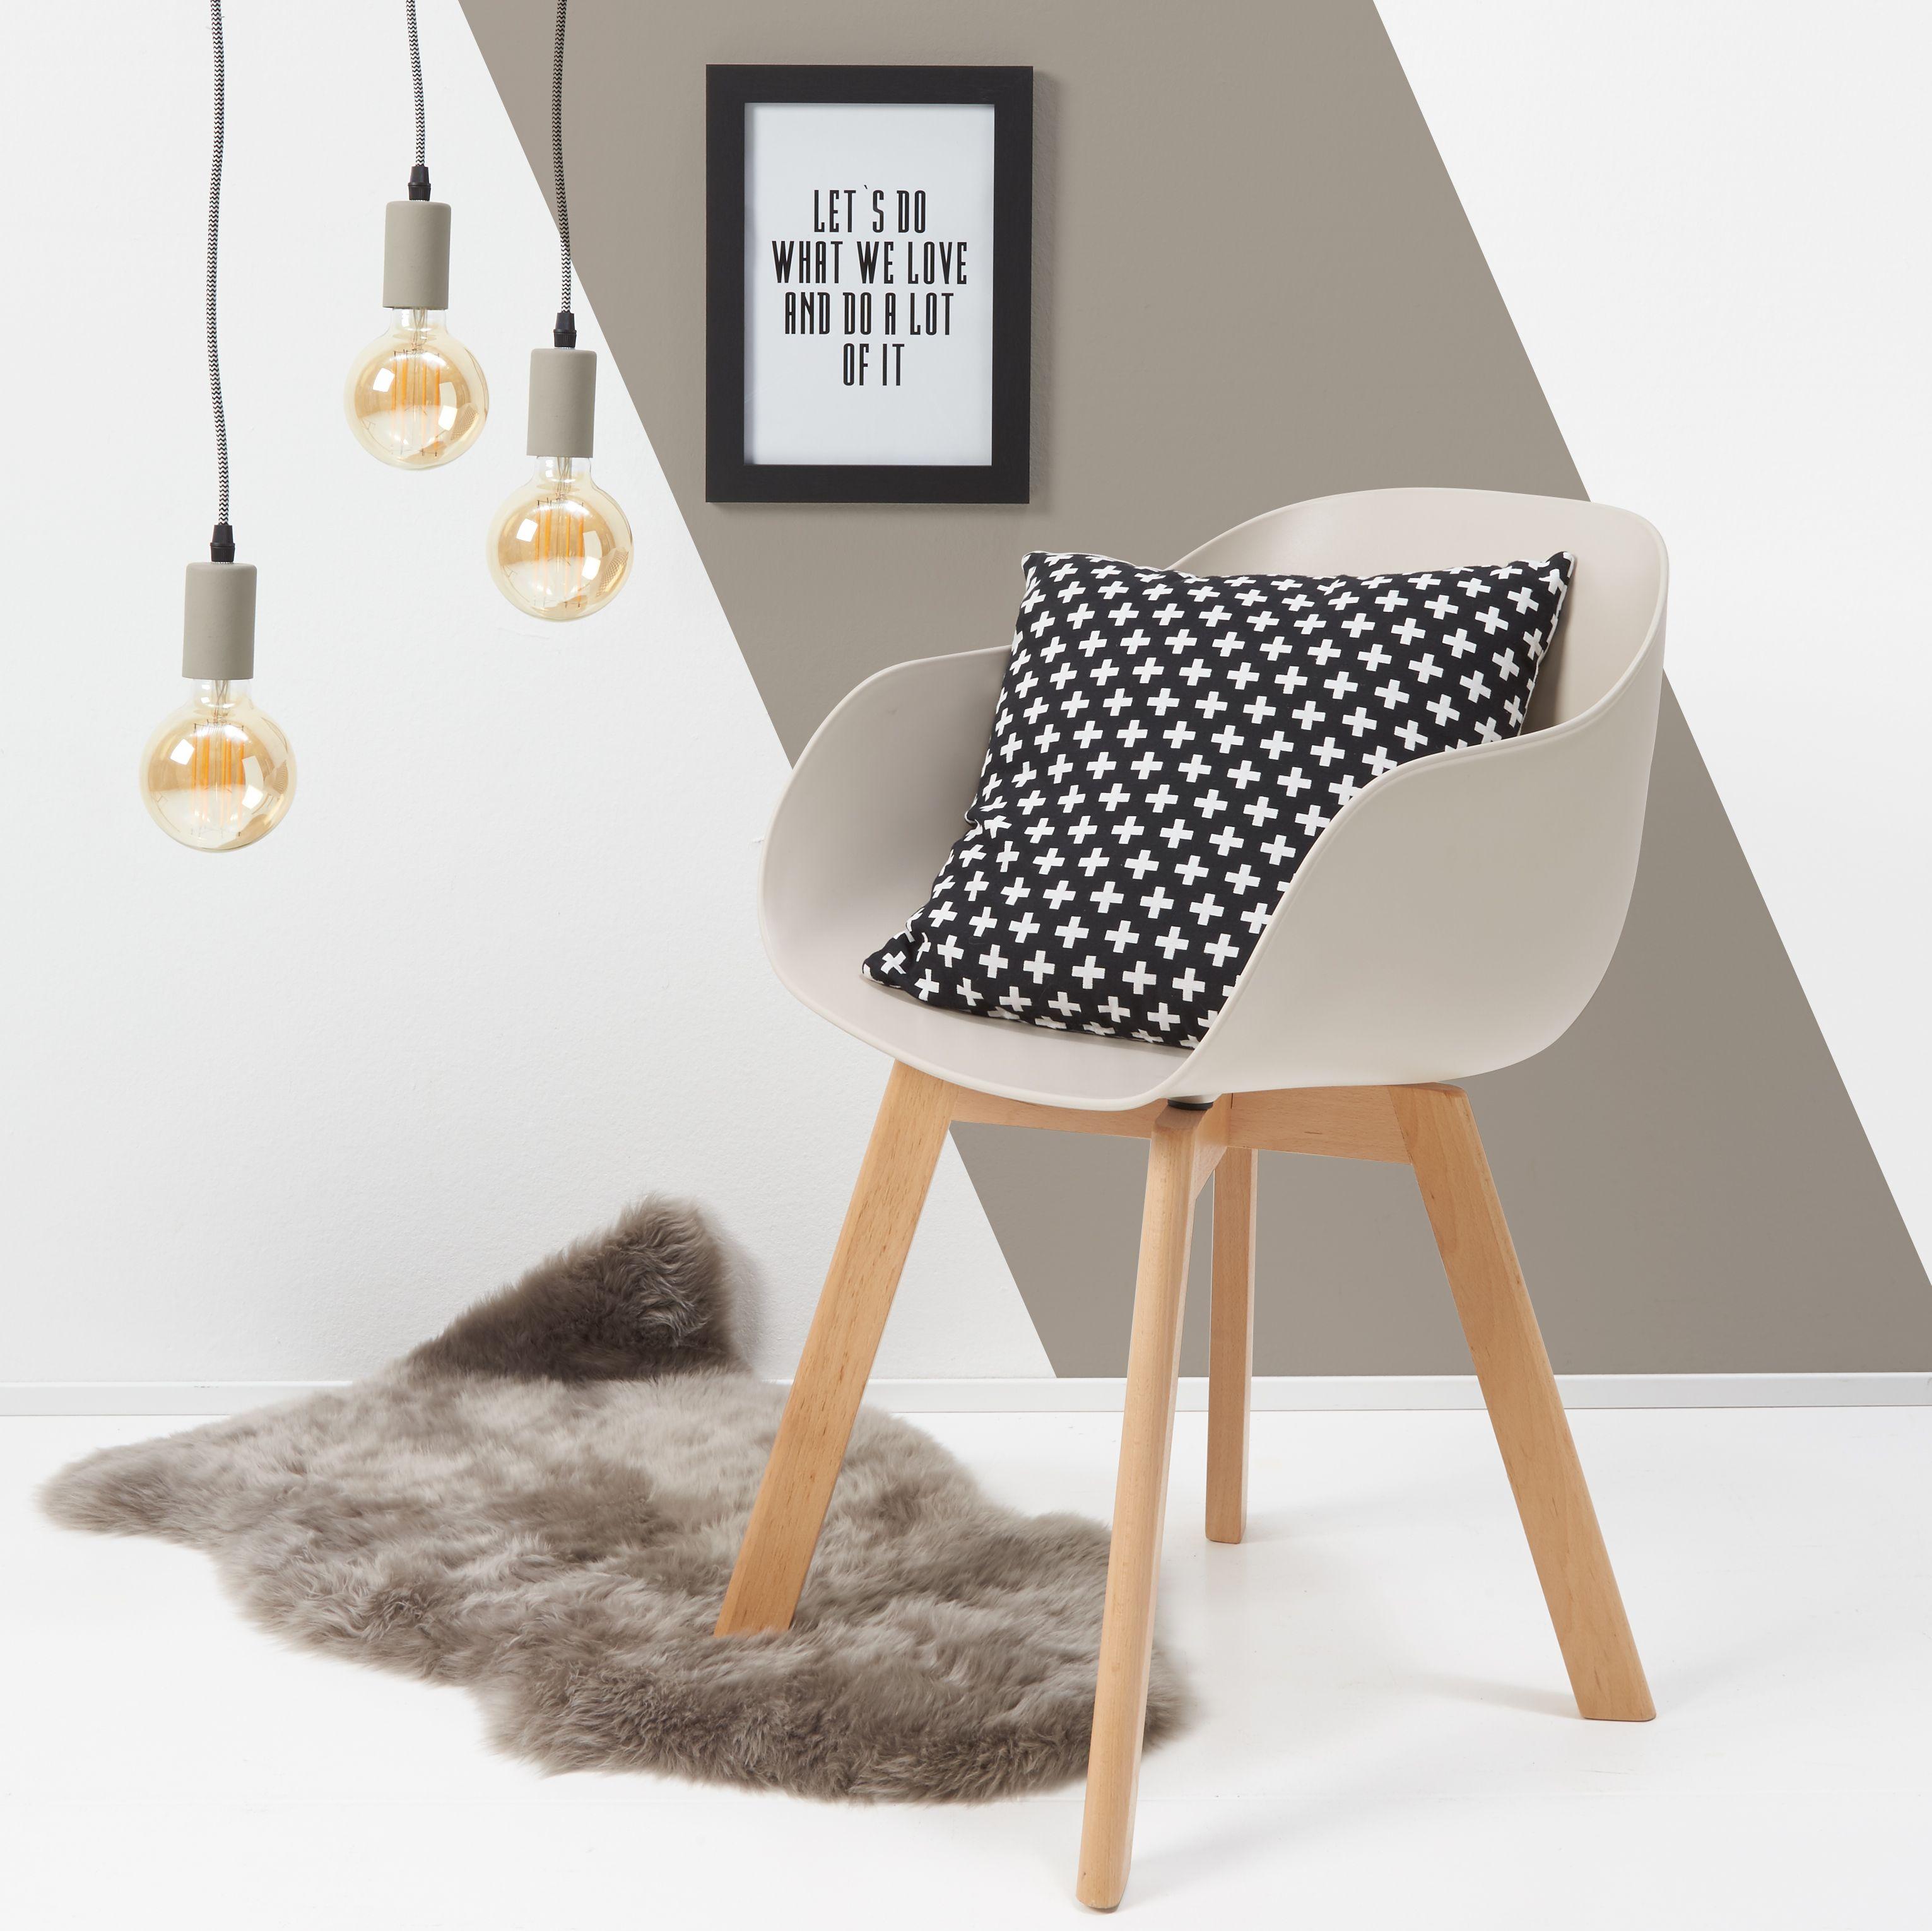 Kuipstoel New York Wit | Kwantum | Pinterest | Attic and Interiors